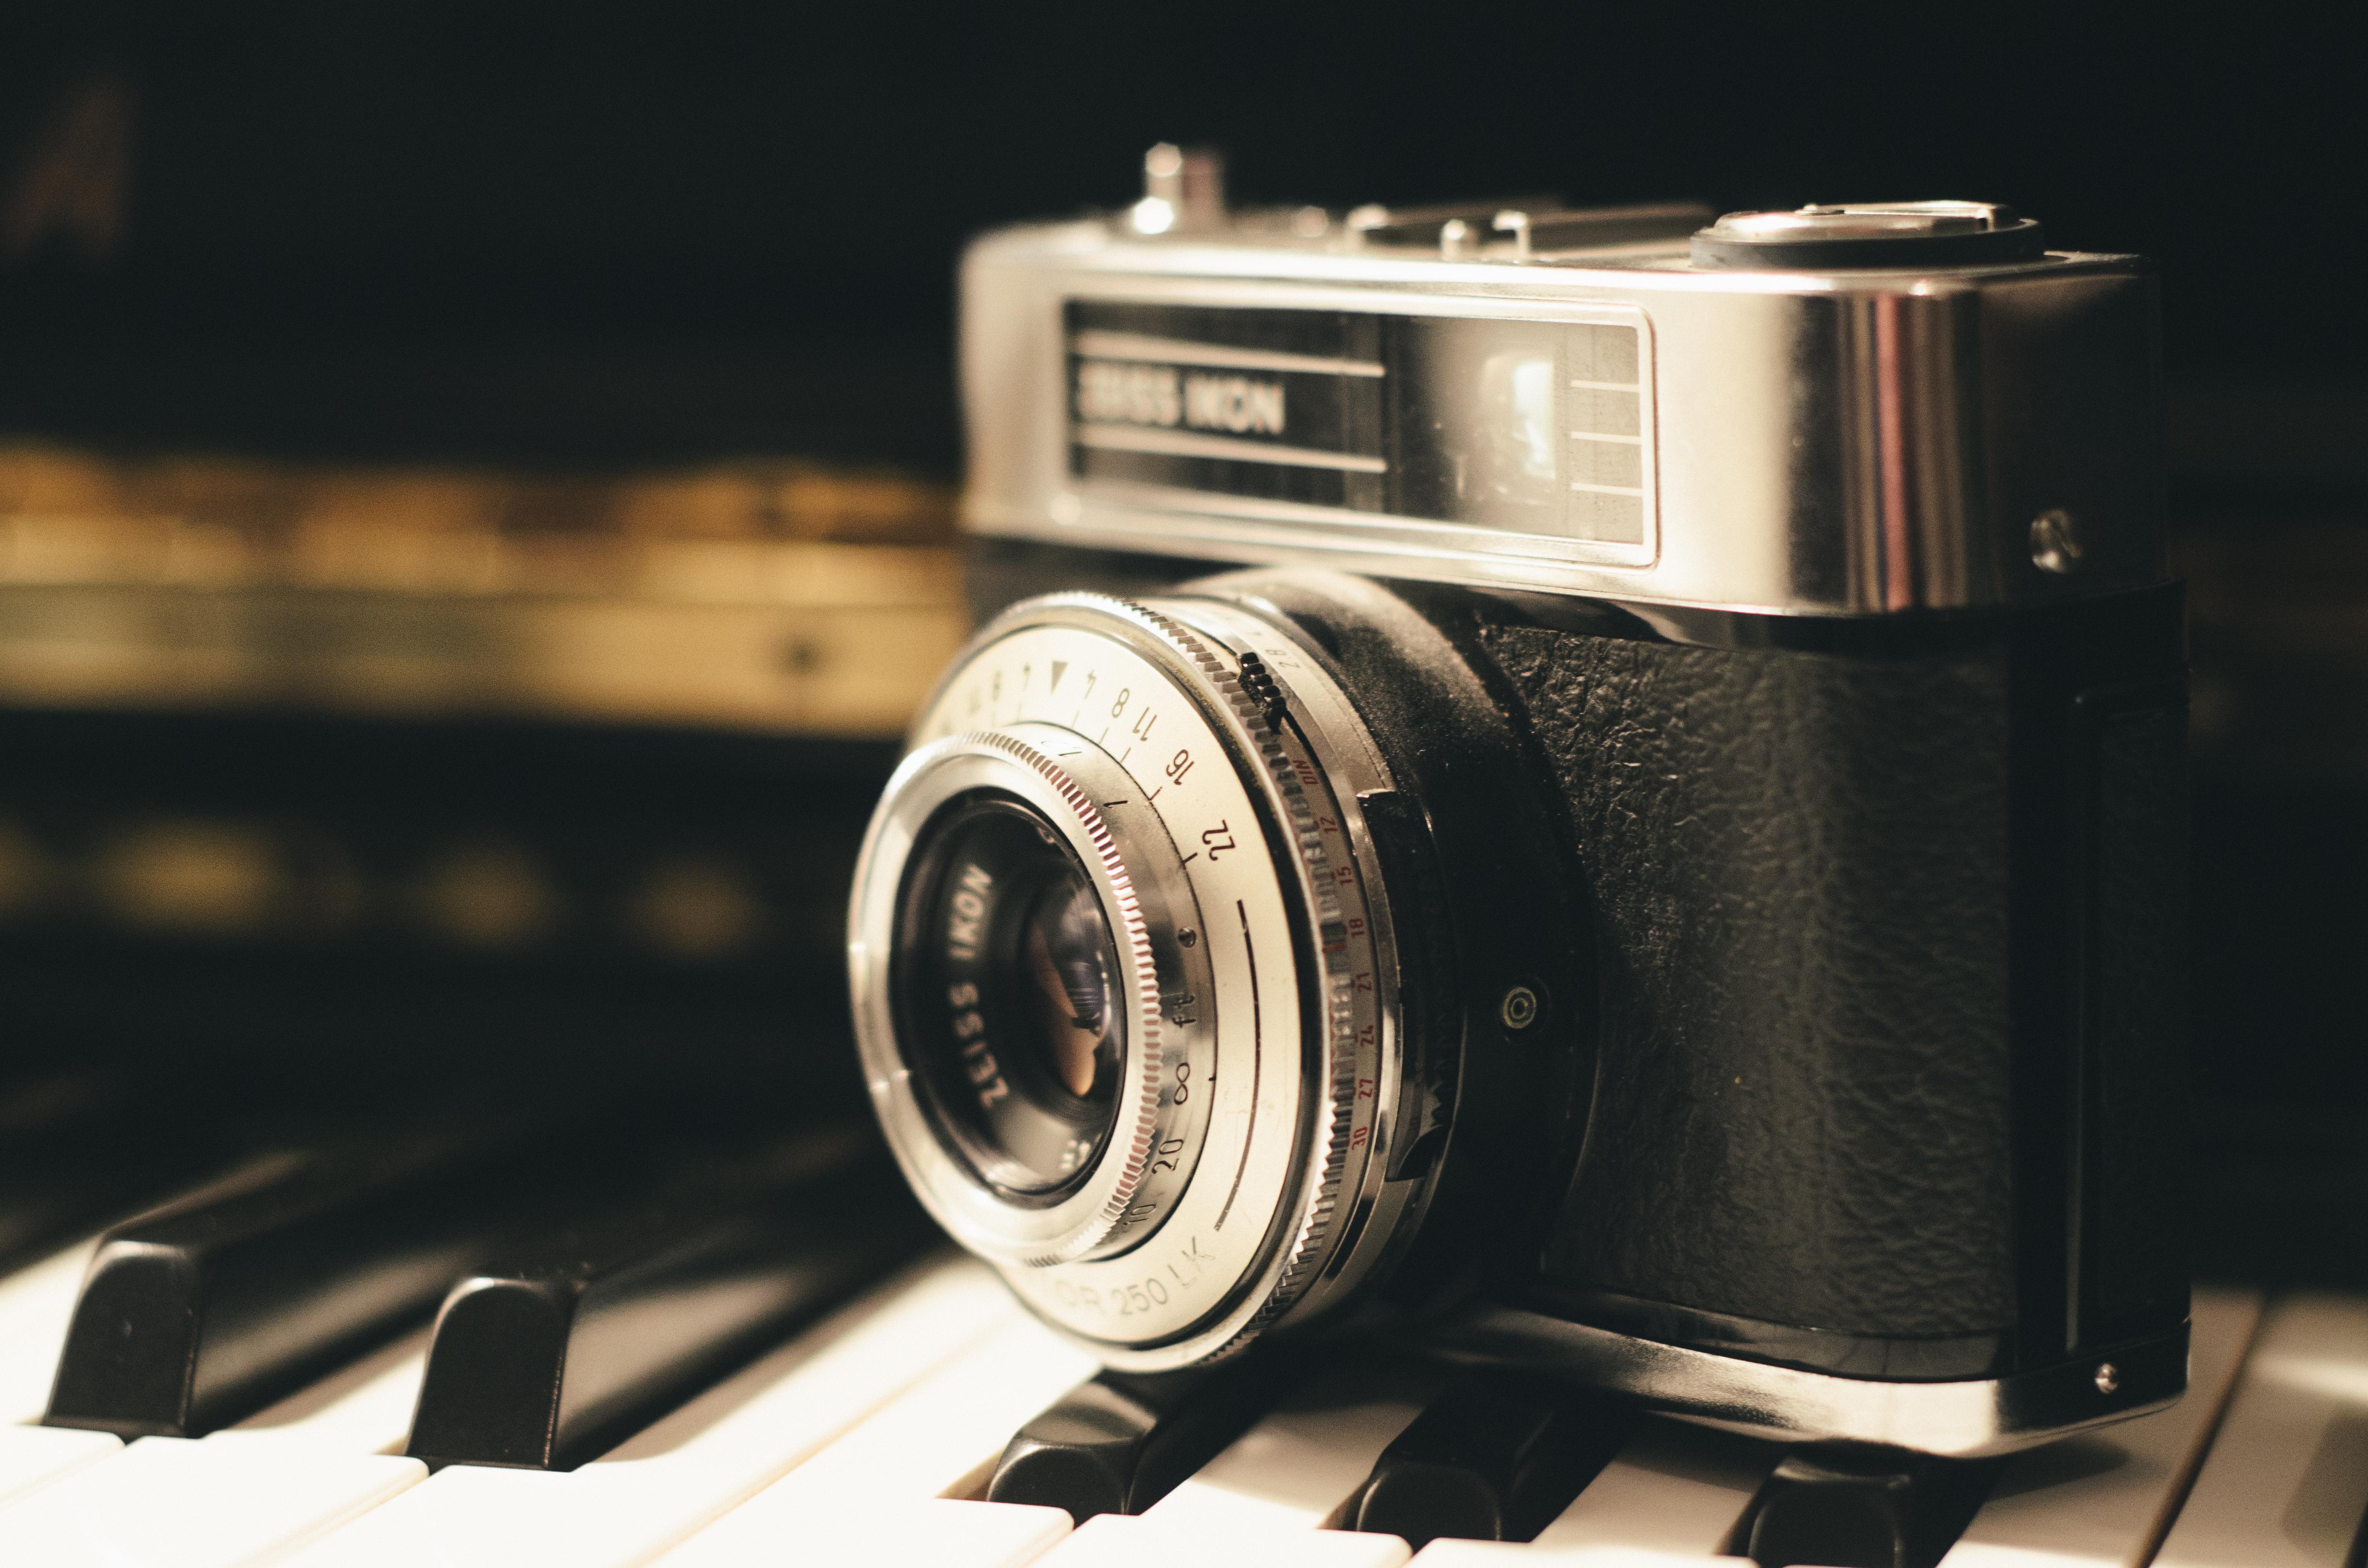 camera-photography-vintage-lens - St. Vincent De Paul